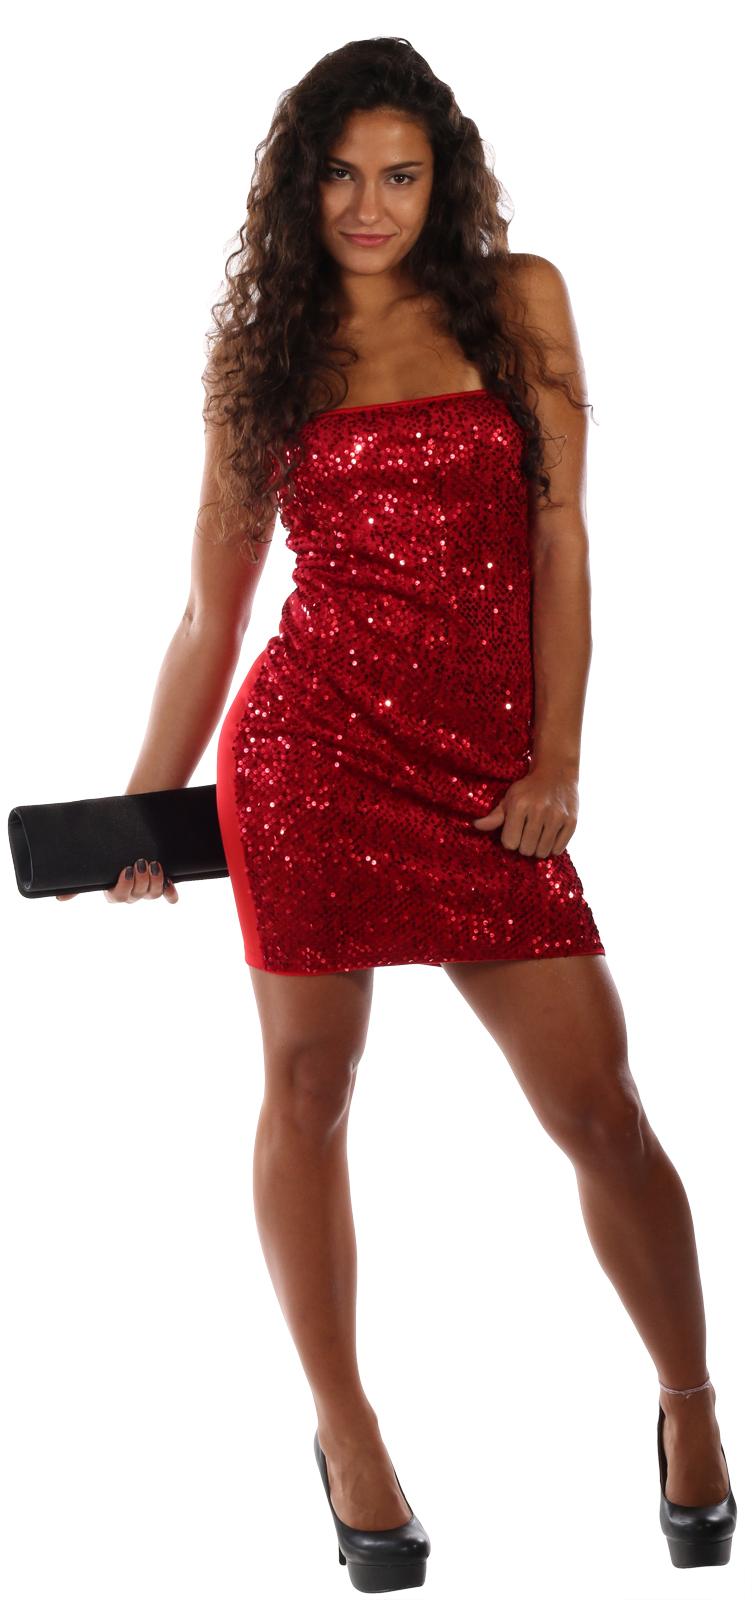 Partykleider - Damen Mode auch in großen Größen